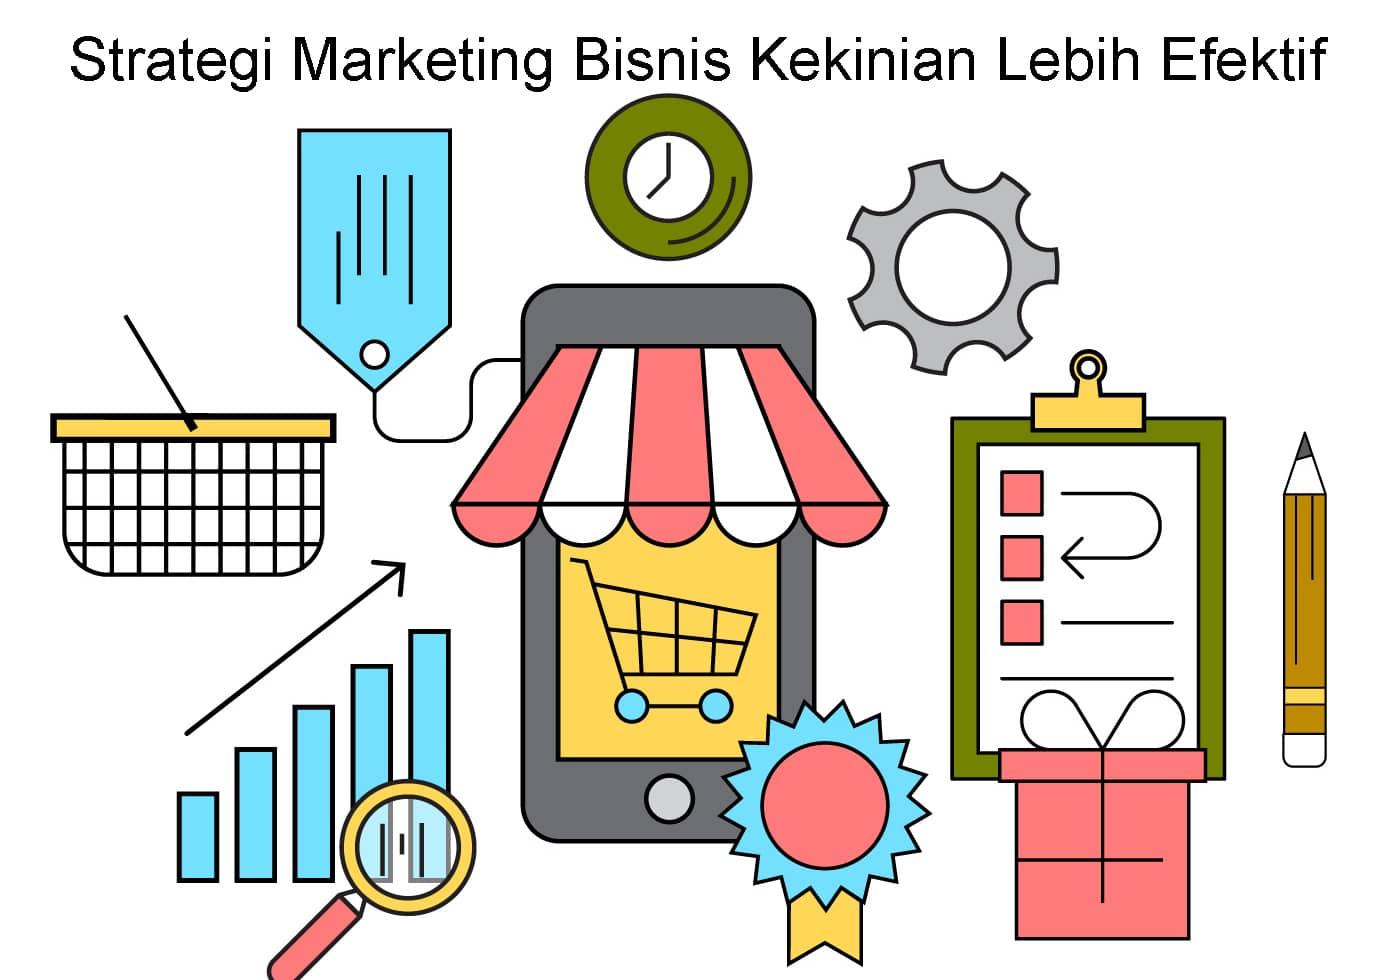 Strategi Marketing Bisnis Kekinian Lebih Efektif